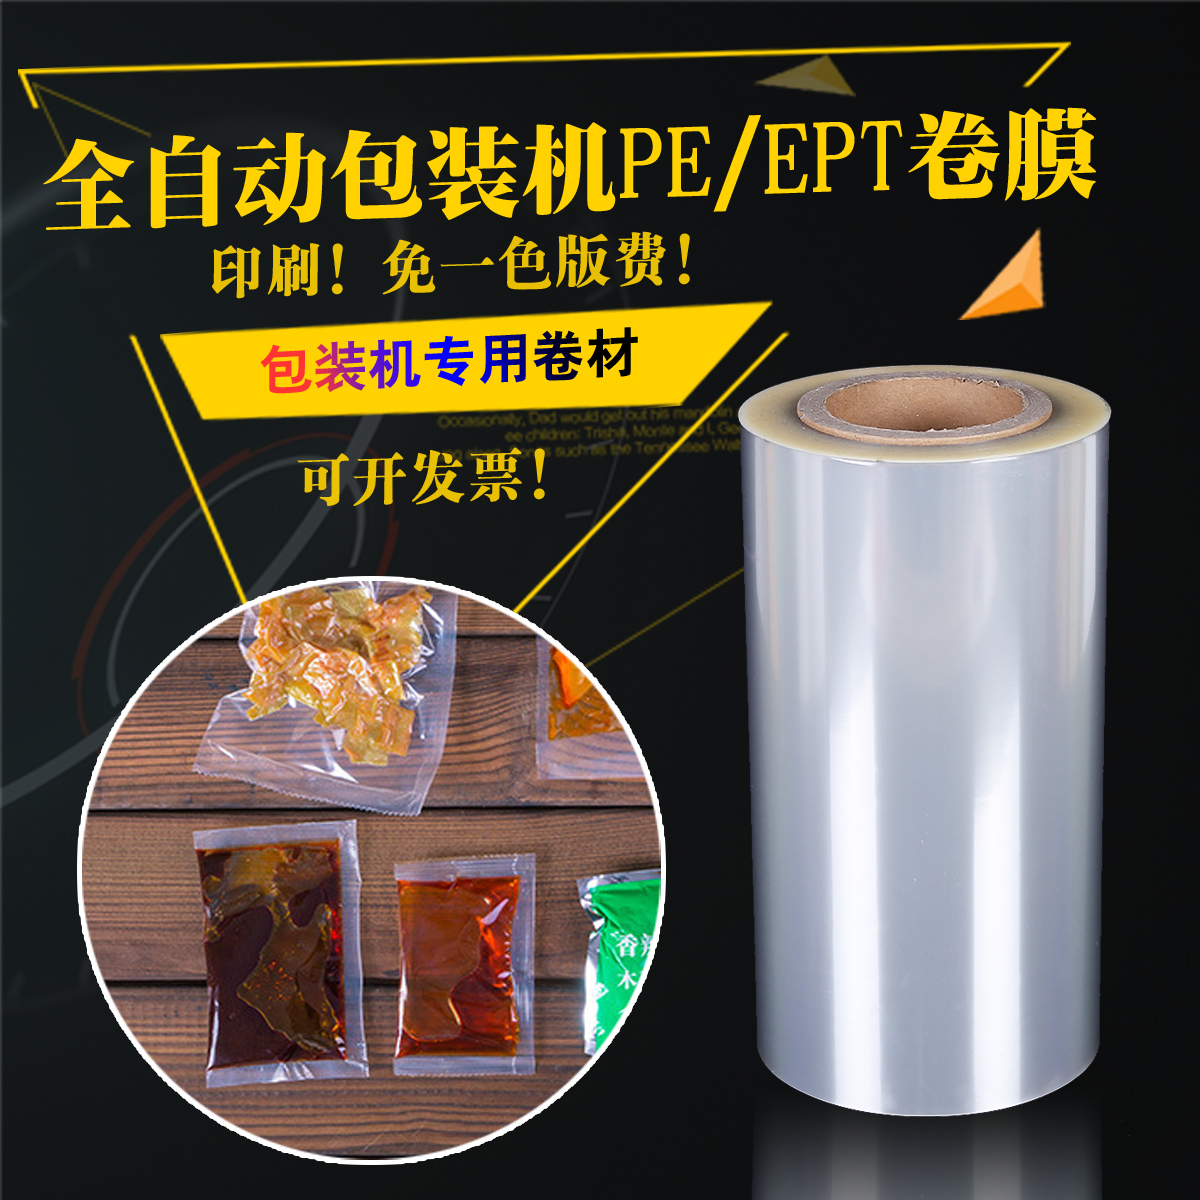 厂家包邮PE PET透明食品复合膜全自动包装机卷膜专用卷材超薄5丝